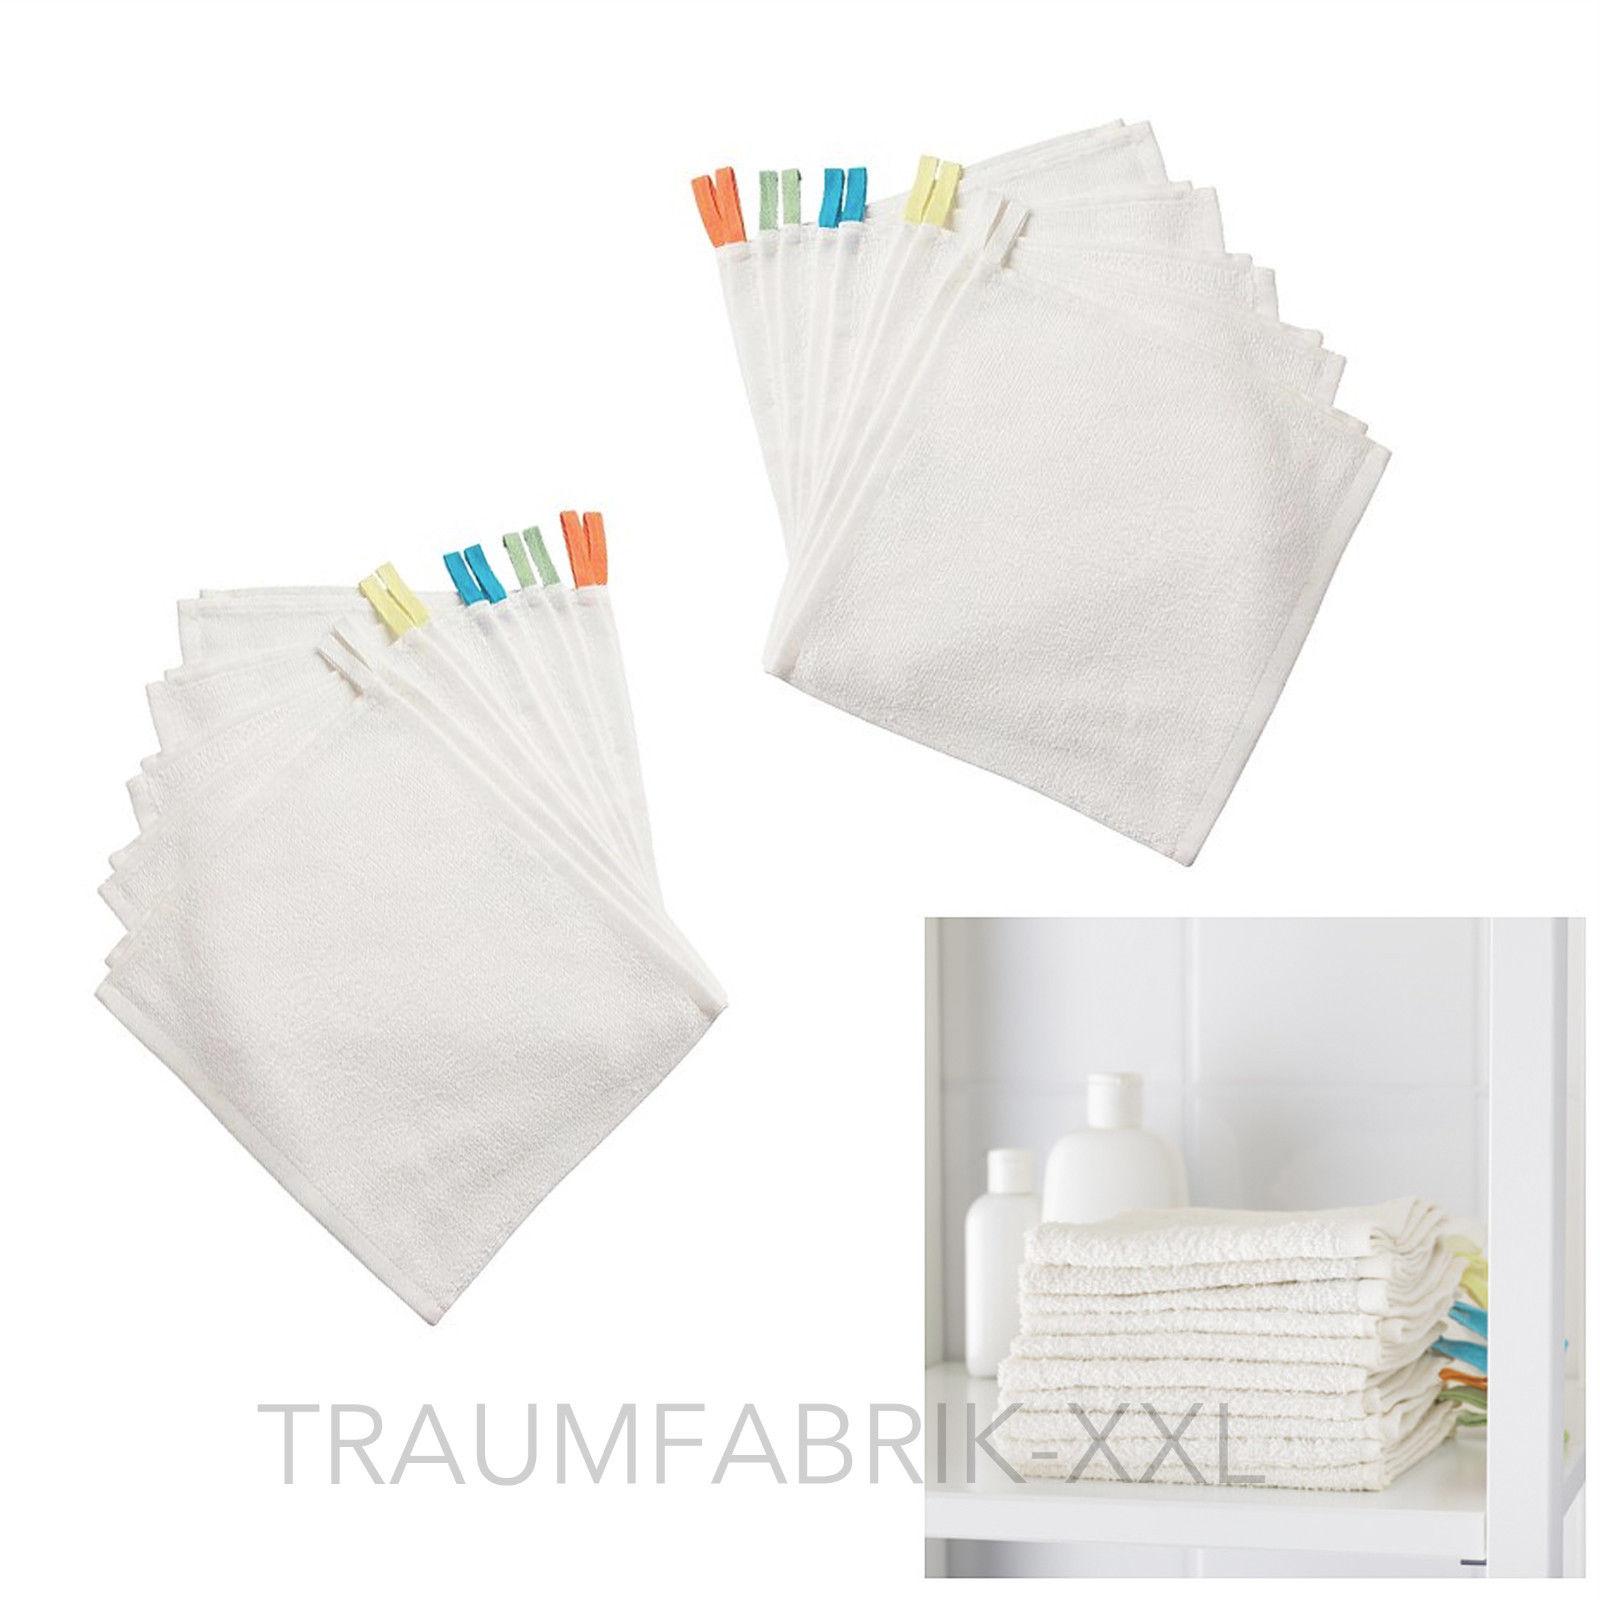 20x Krama Ikea Waschlappen Bad&Dusche 100% Baumwolle weiß Baby weich ...